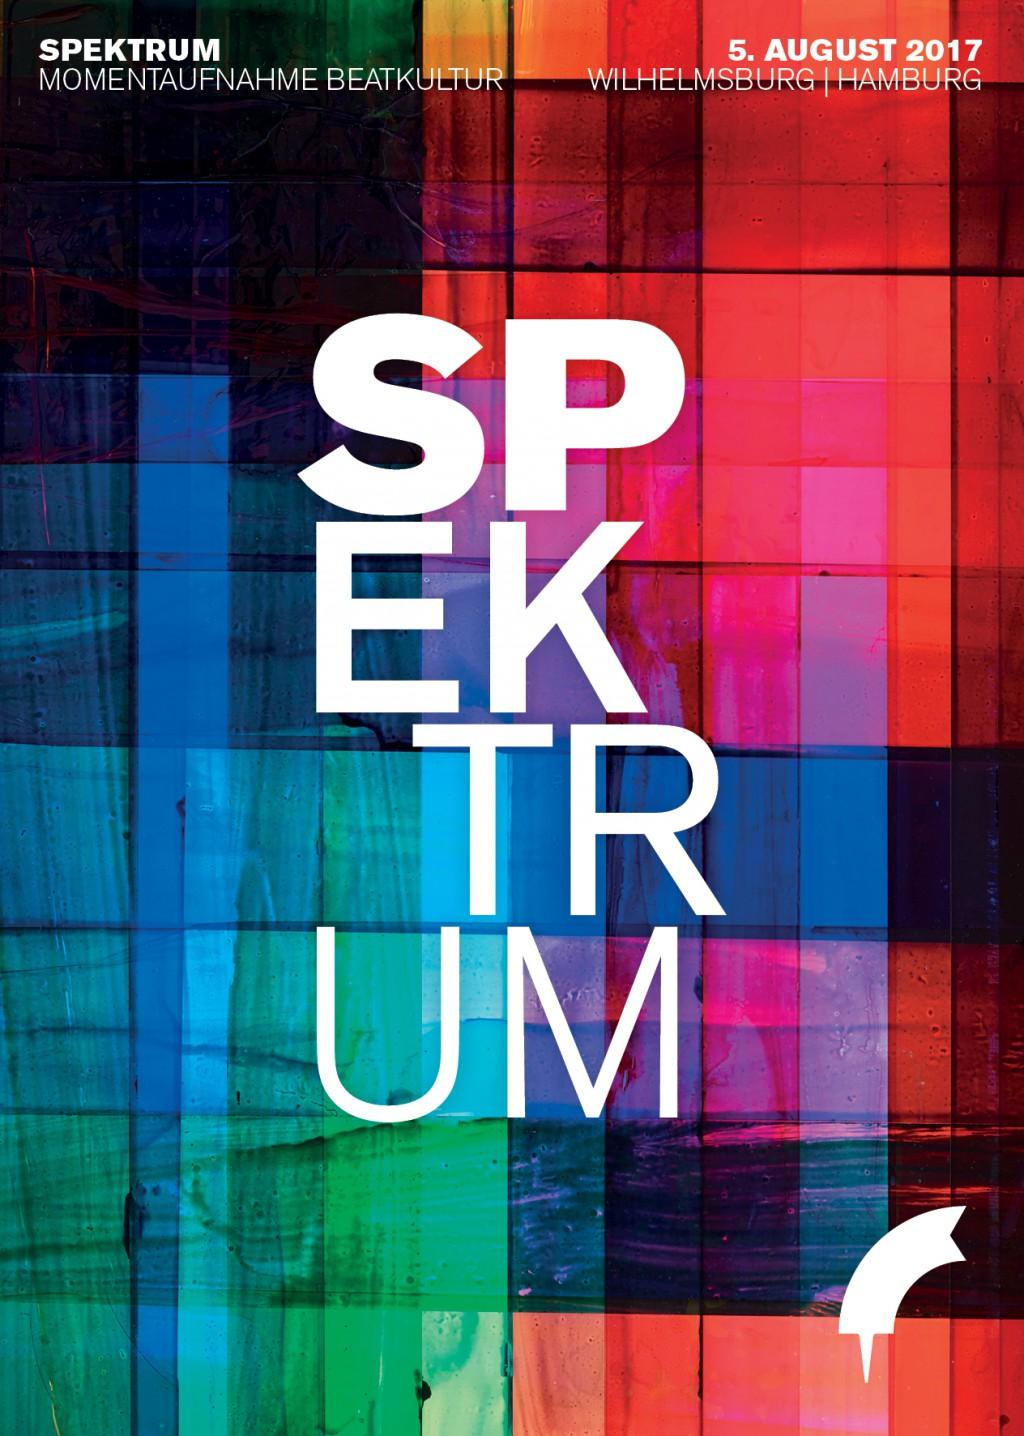 C W SPEKTRUM 2017